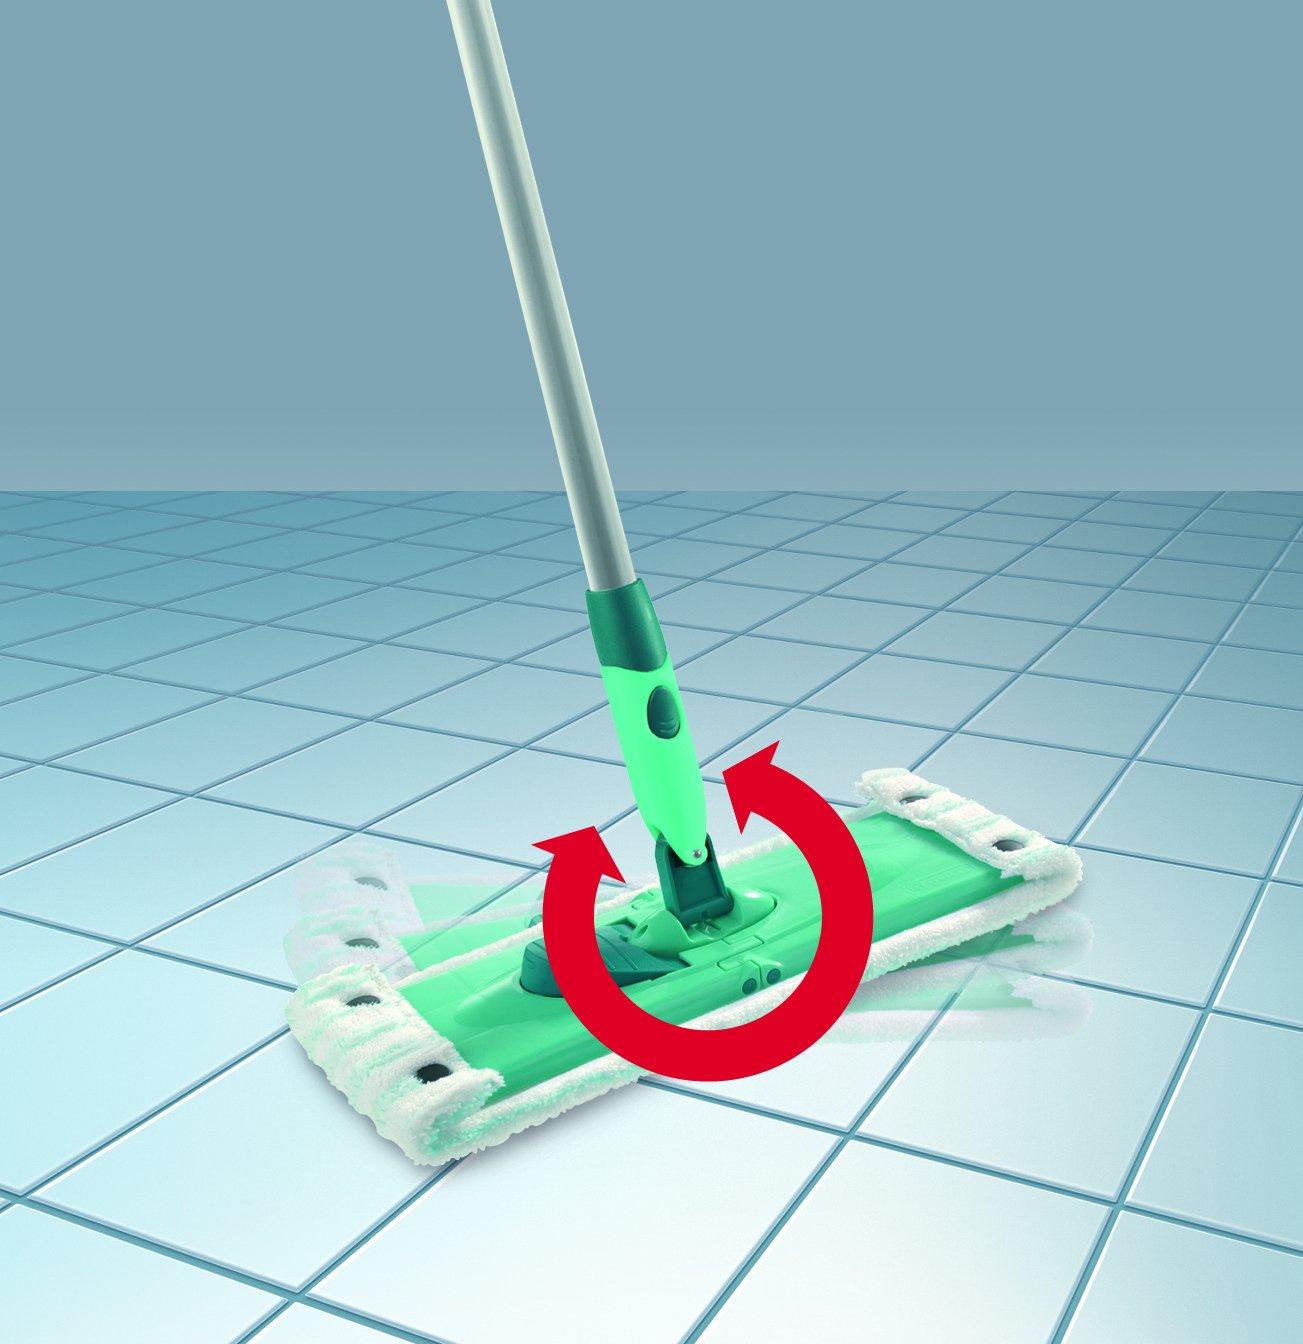 Leifheit r/ückenschonender Bodenwischer Combi M reinigungsstarker Wischer mit 2-Faser Mikrofaser Bezug 140cm Stahlstiel mit praktischem 360/° Gelenk Wischbreite 33cm mit Click-System